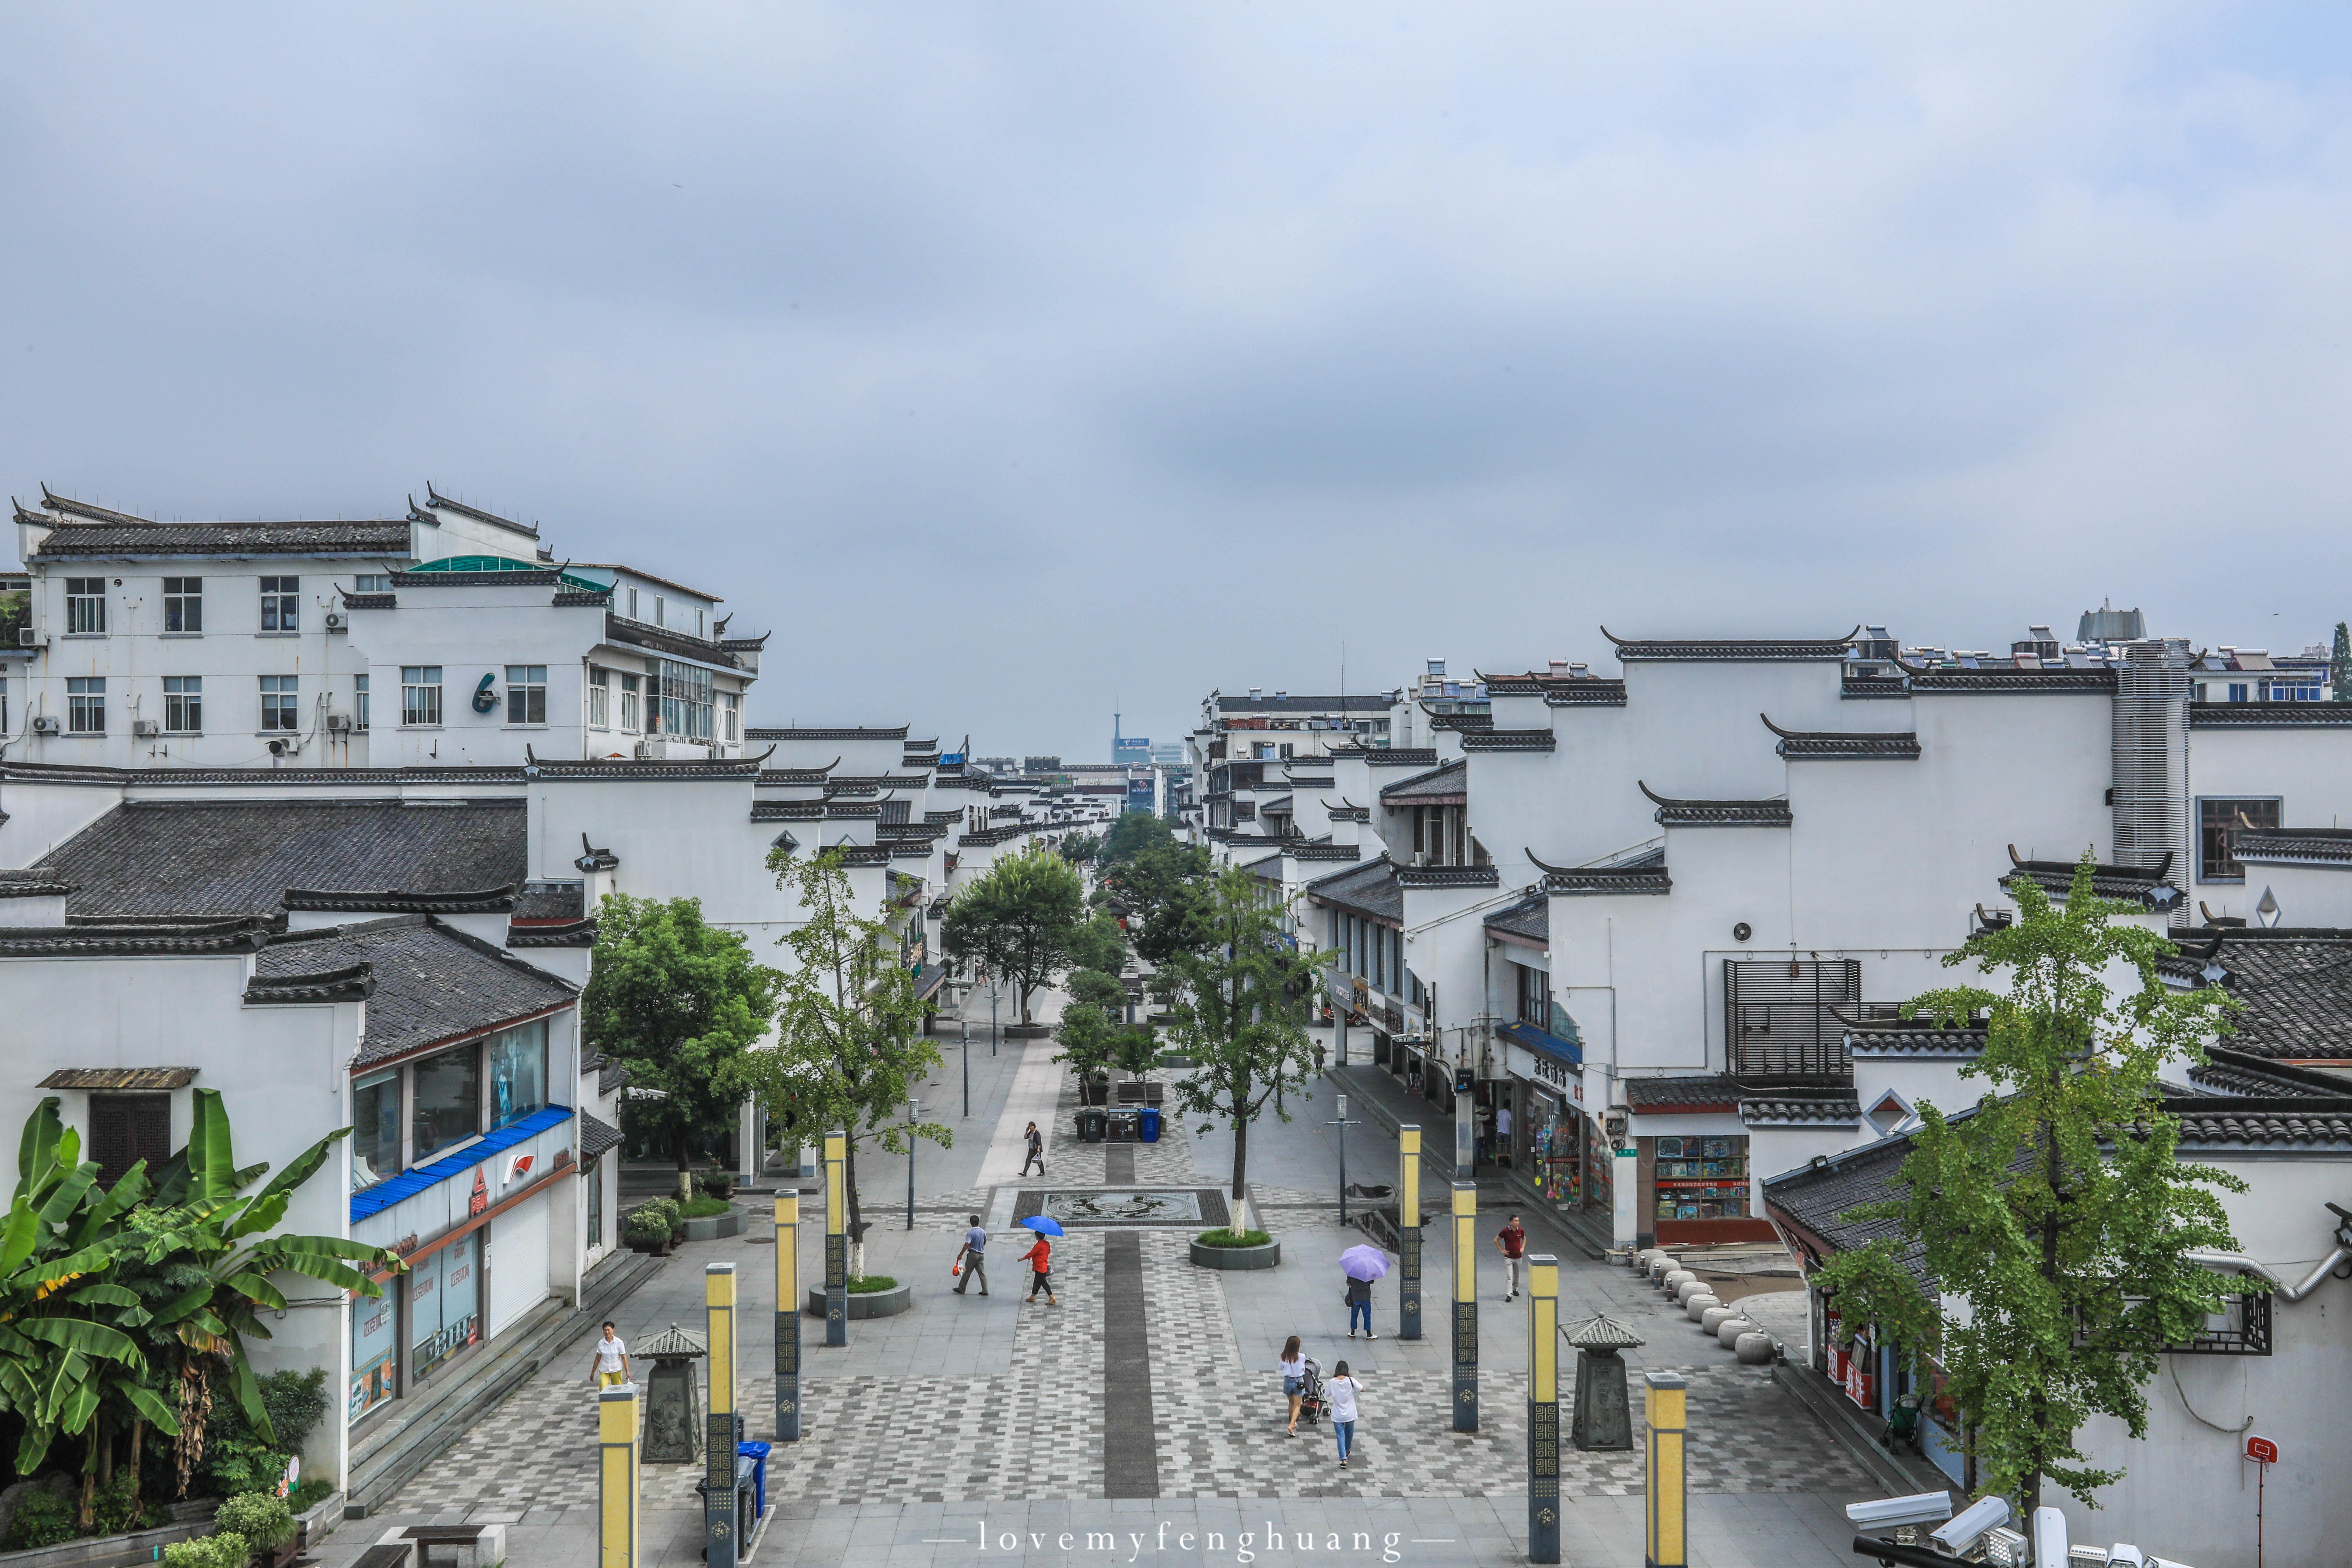 凤凰古城悠悠水畔图片